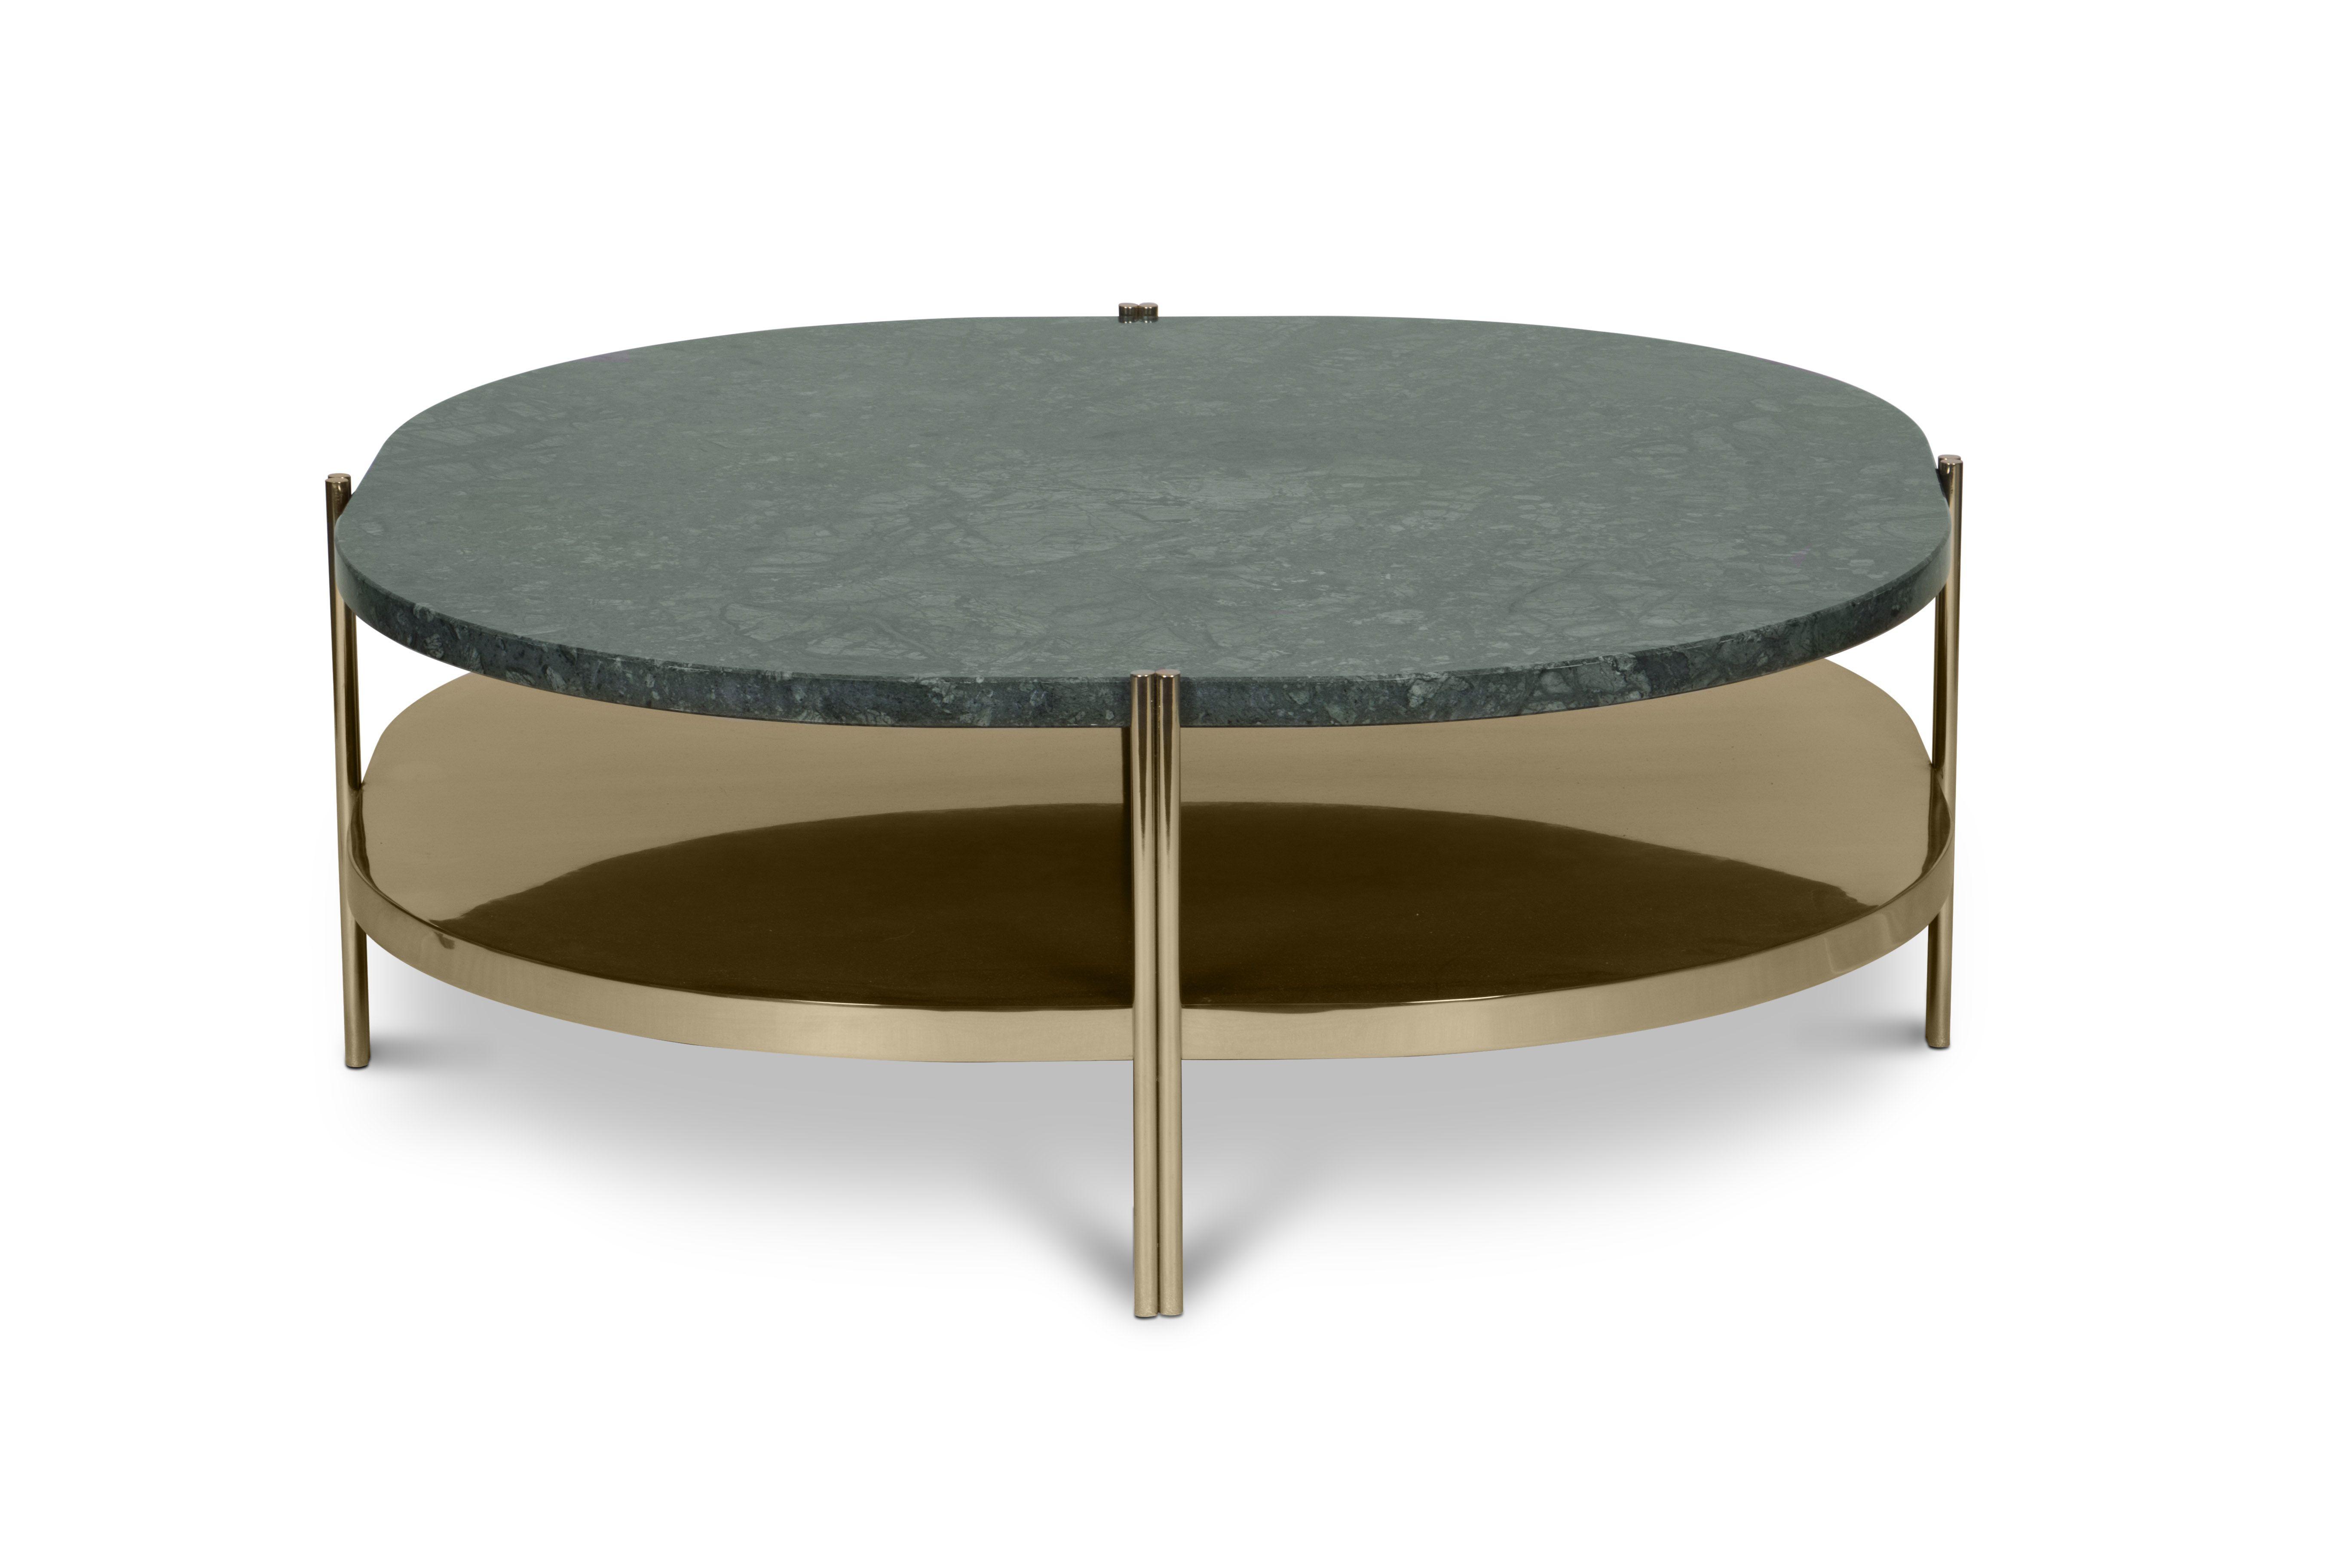 Top 8 marmor beistell und couchtische f r luxus for Luxus dekoration